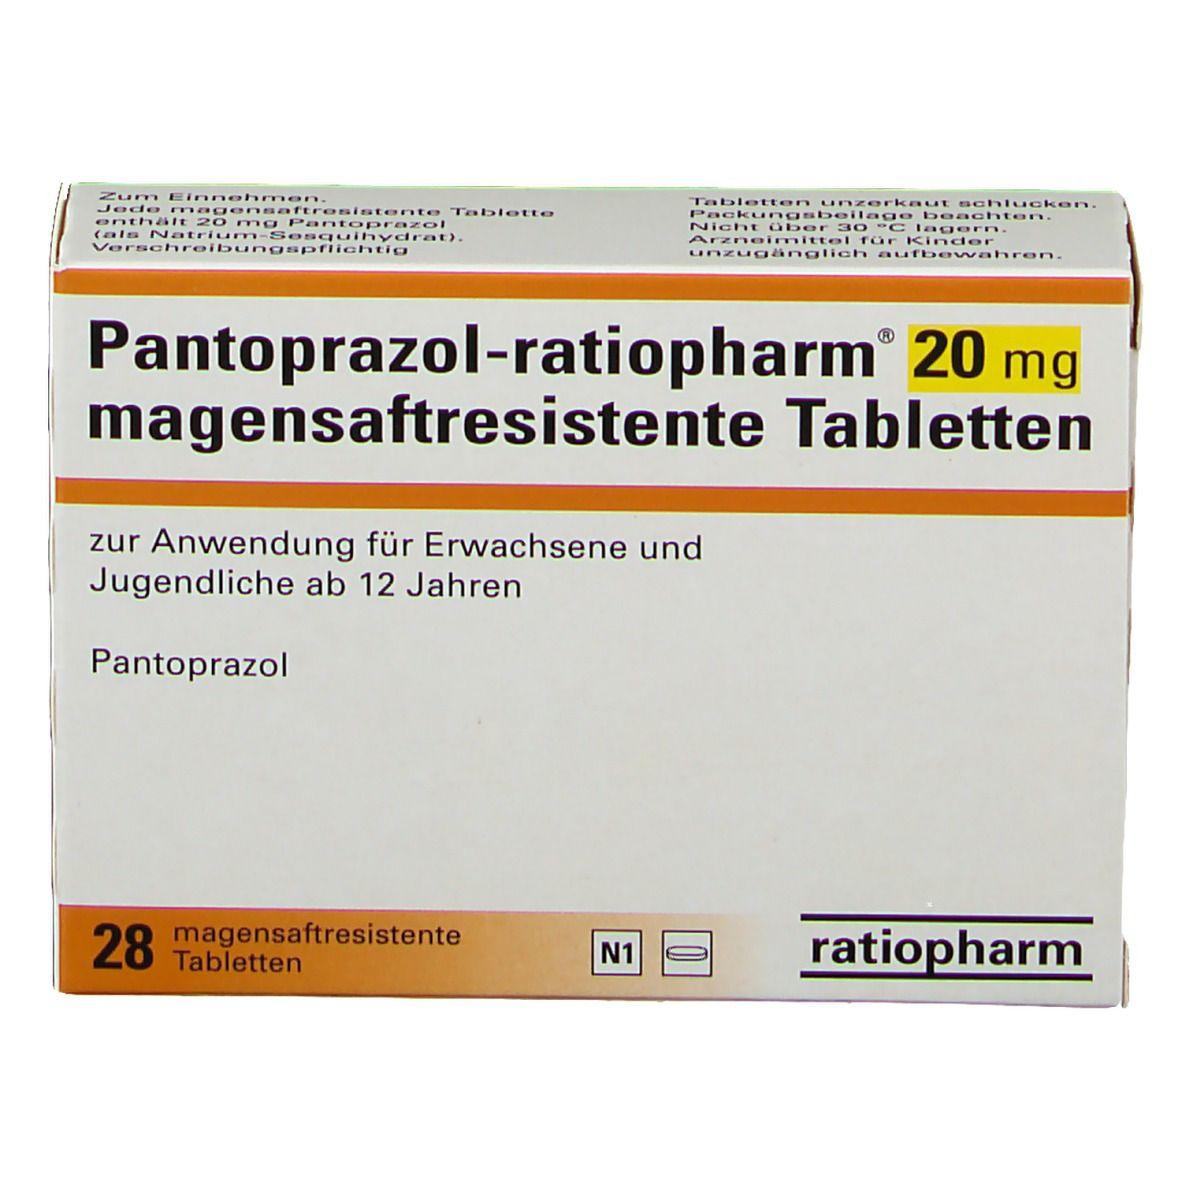 Pantoprazol ratiopharm® 20 mg Tabletten